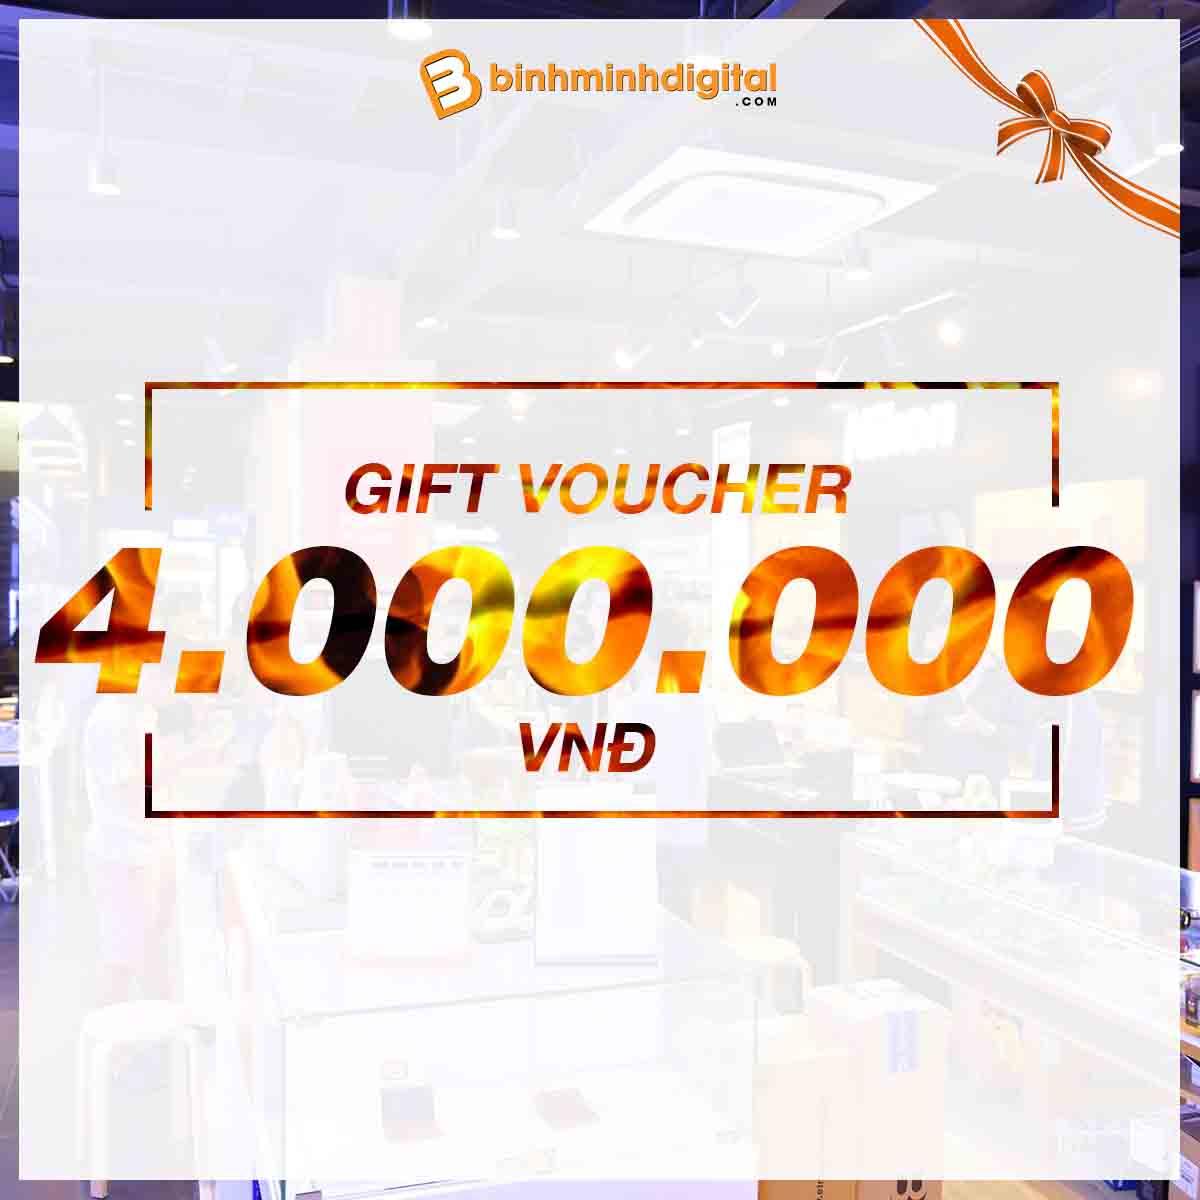 voucher-4000000